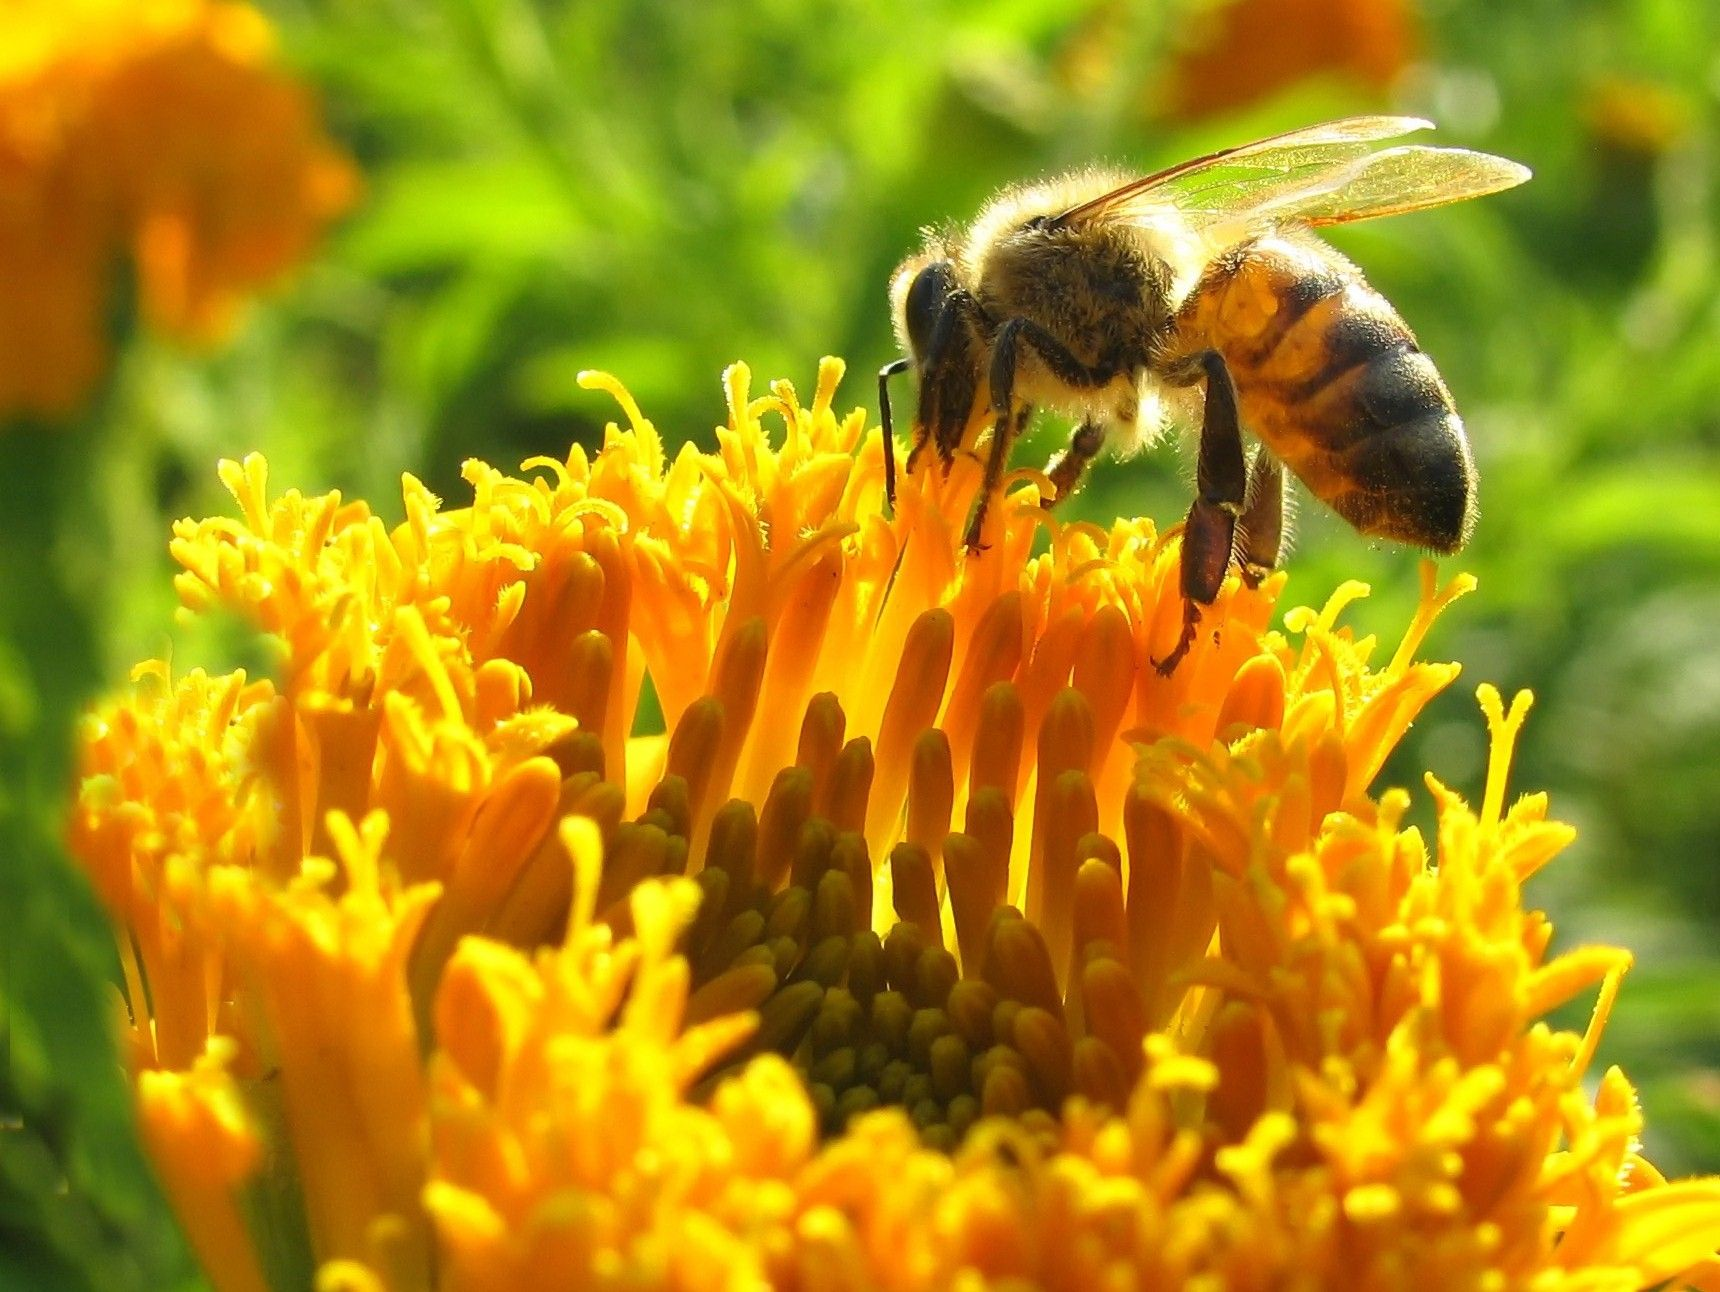 جمع آوری شهد توسط زنبور عسل